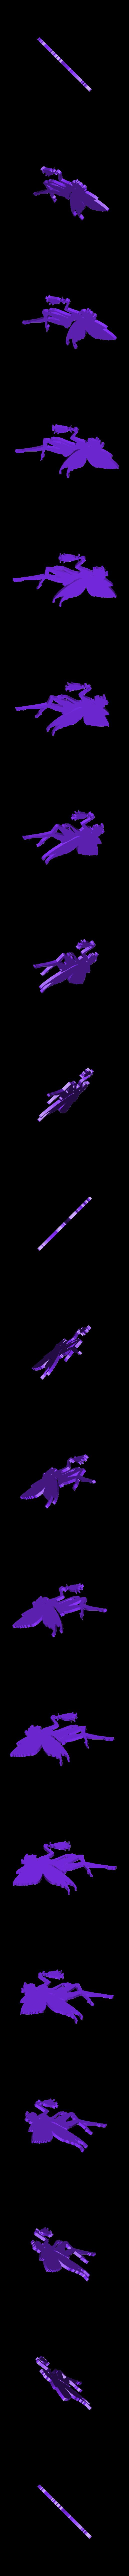 vector-illustrations-fairy-girl-silhouette-fairy-girl-silhouette-v.stl Télécharger fichier STL gratuit 14 autocollants anti-collision pour prévenir les impacts d'oiseaux sur les vitres des fenêtres - autocollants pour fenêtres pour impression 3d • Plan imprimable en 3D, syzguru11